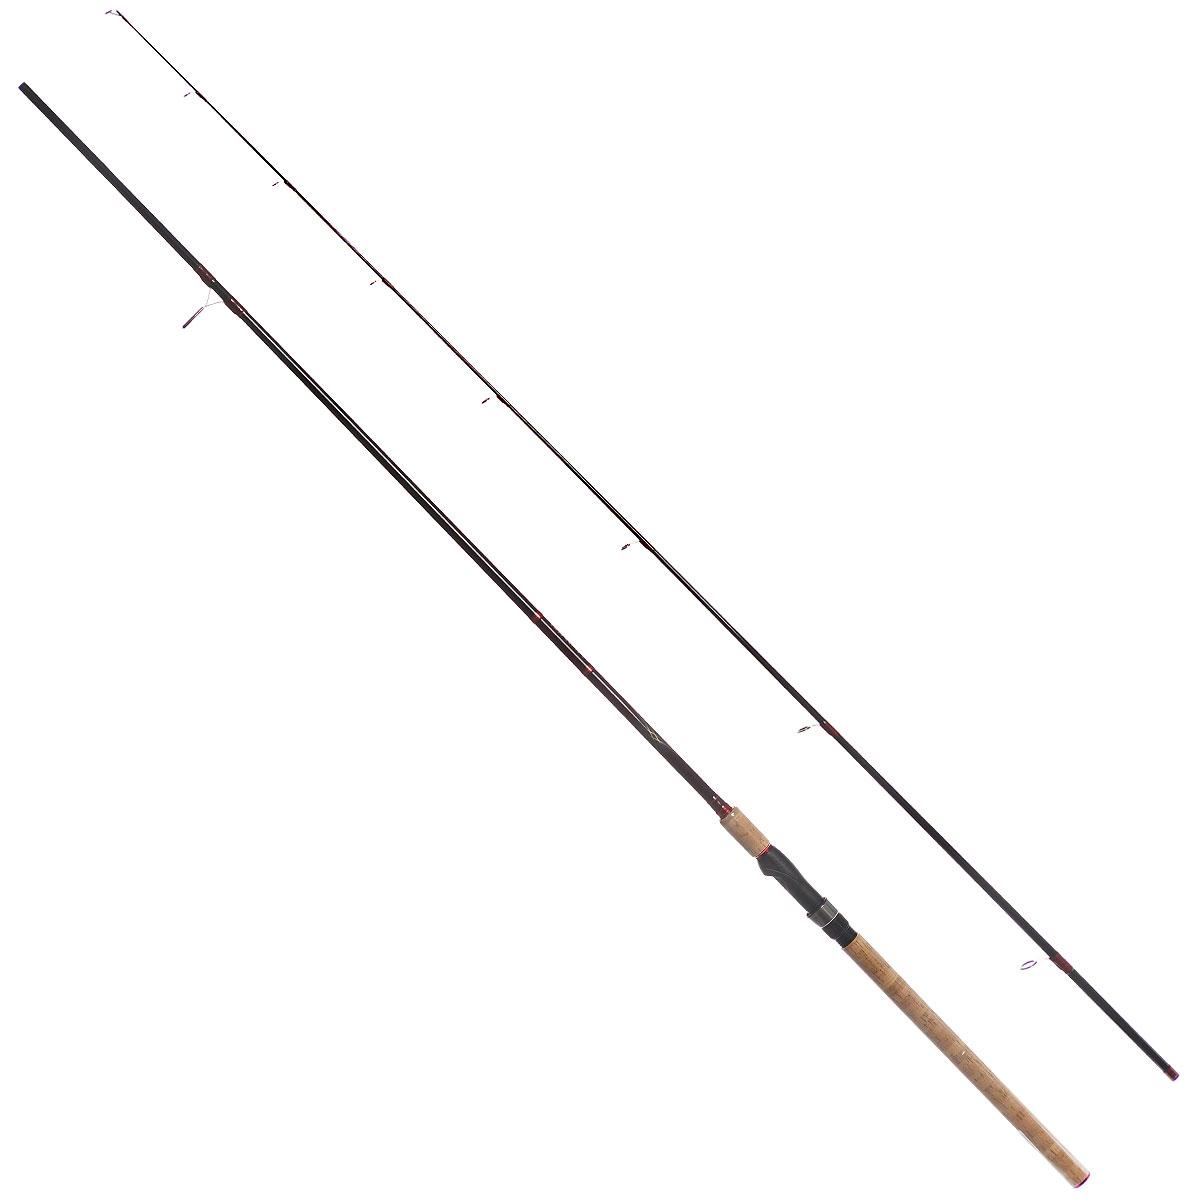 Удилище спиннинговое Daiwa Vulcan-AR, штекерное, цвет: черный, 2,9 м, 5-28 г удилище спиннинговое daiwa megaforce штекерное 2 4 м 2 14 г